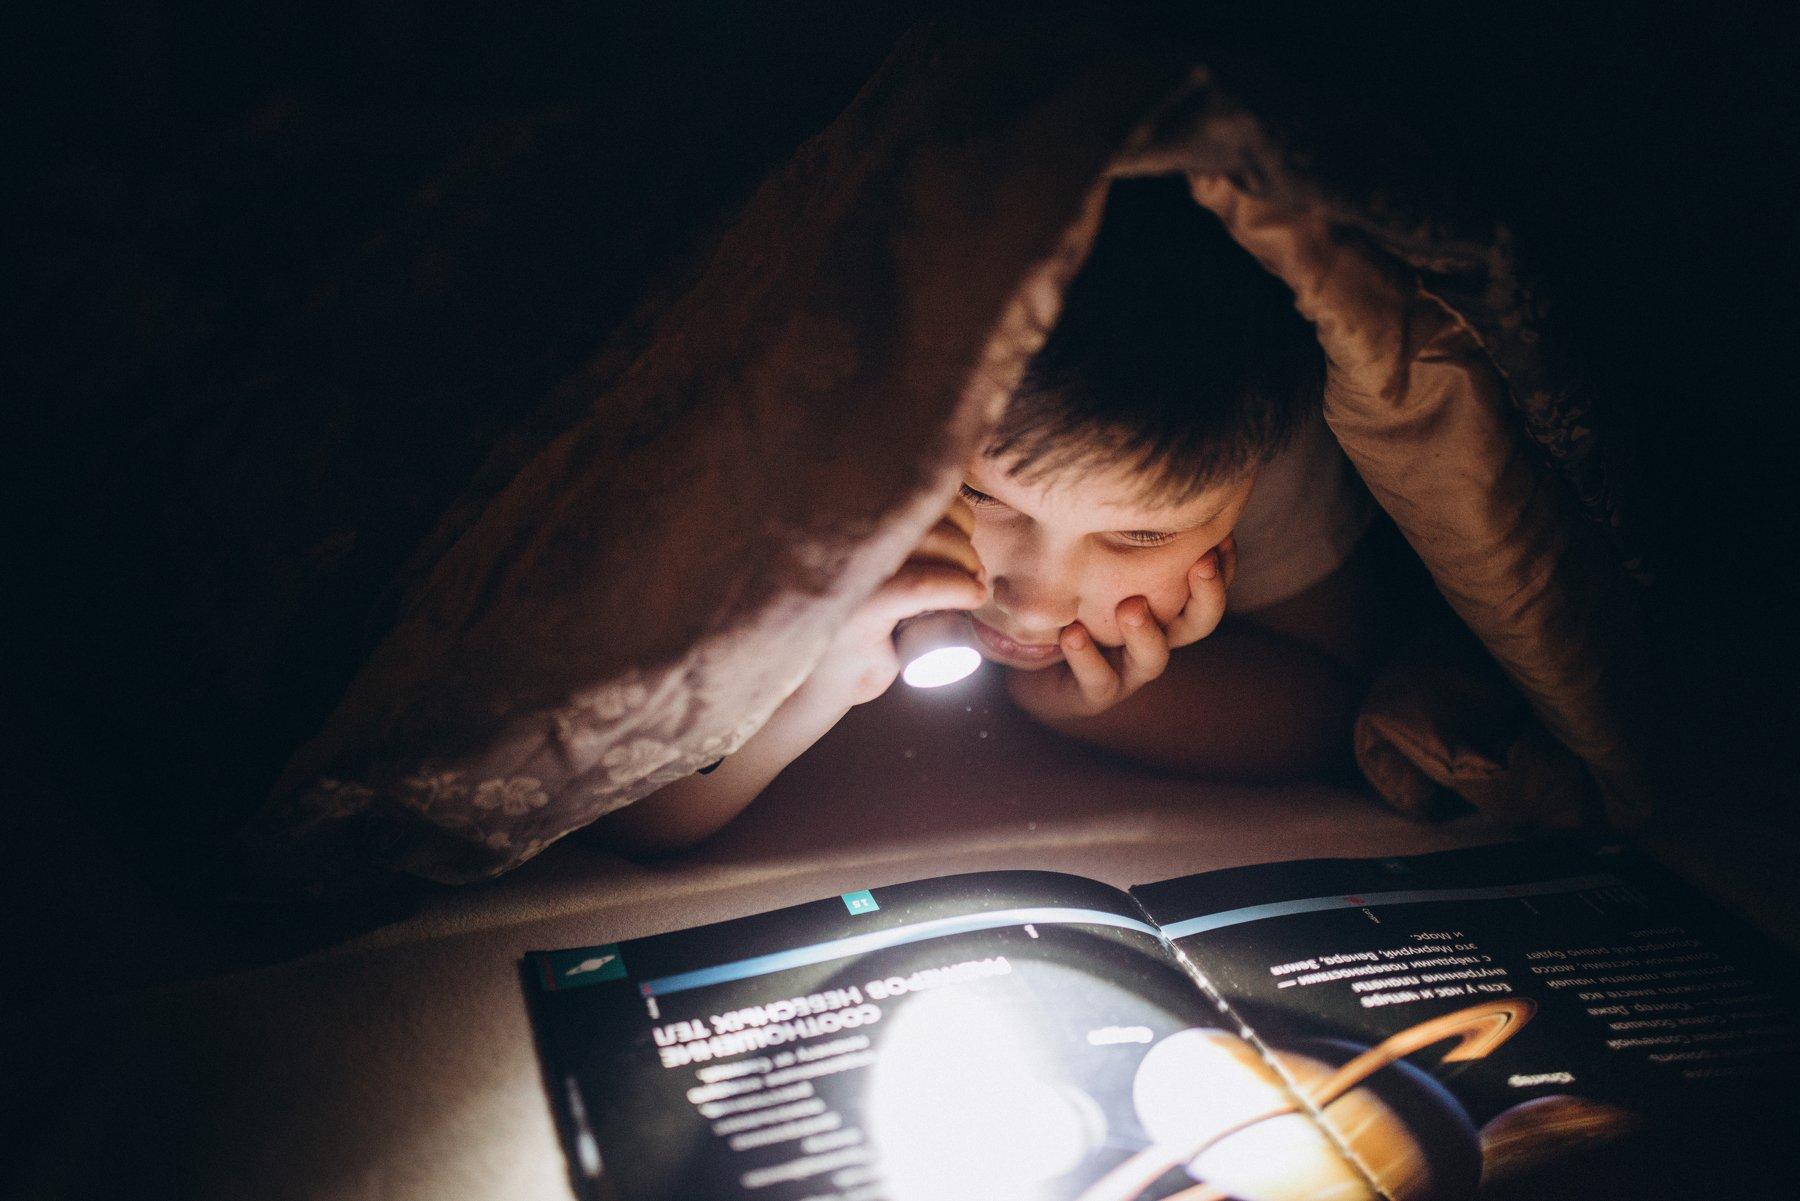 ребенок, книга, сказка, детство, kids, family, portrait, Стрелкова Мария